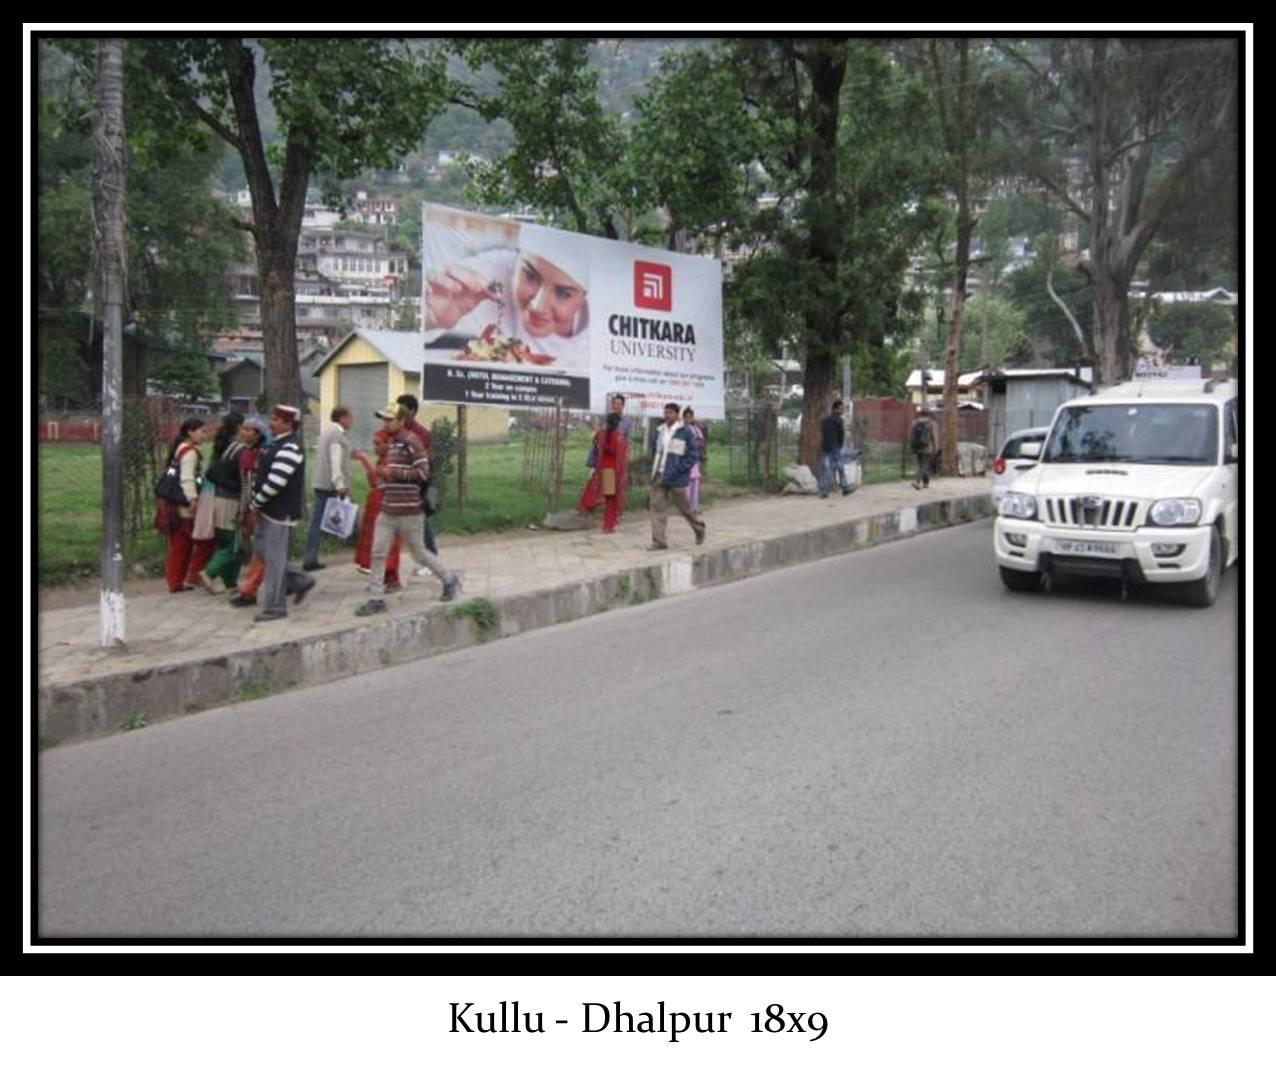 Dhalpur, Kullu